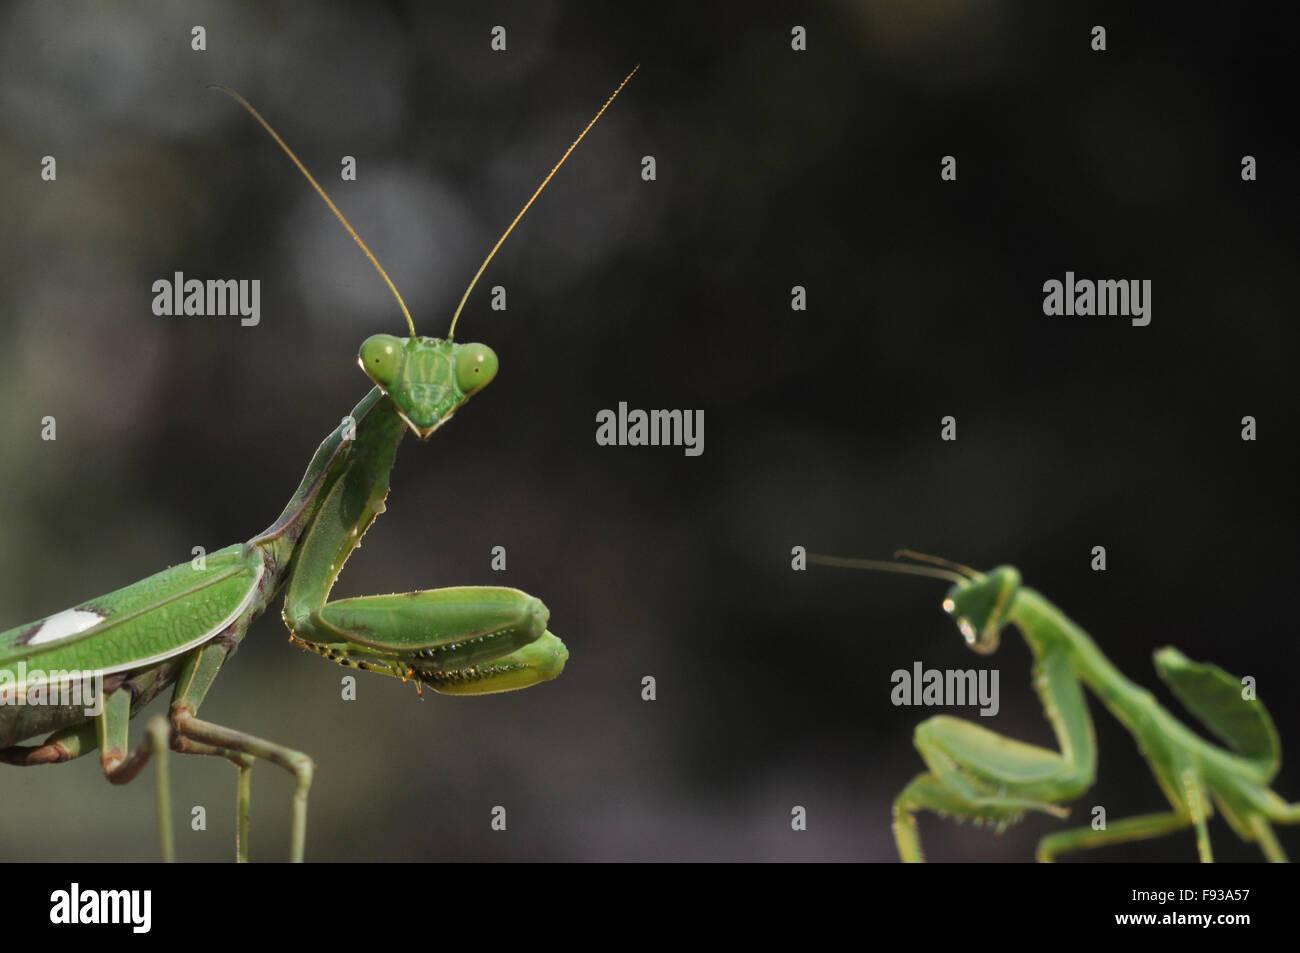 Zwei grünliche Farbe Gottesanbeterin, Mantodea (Gottesanbeterinnen, Mantes) im dunklen Hintergrund in Spiellaune Stockbild